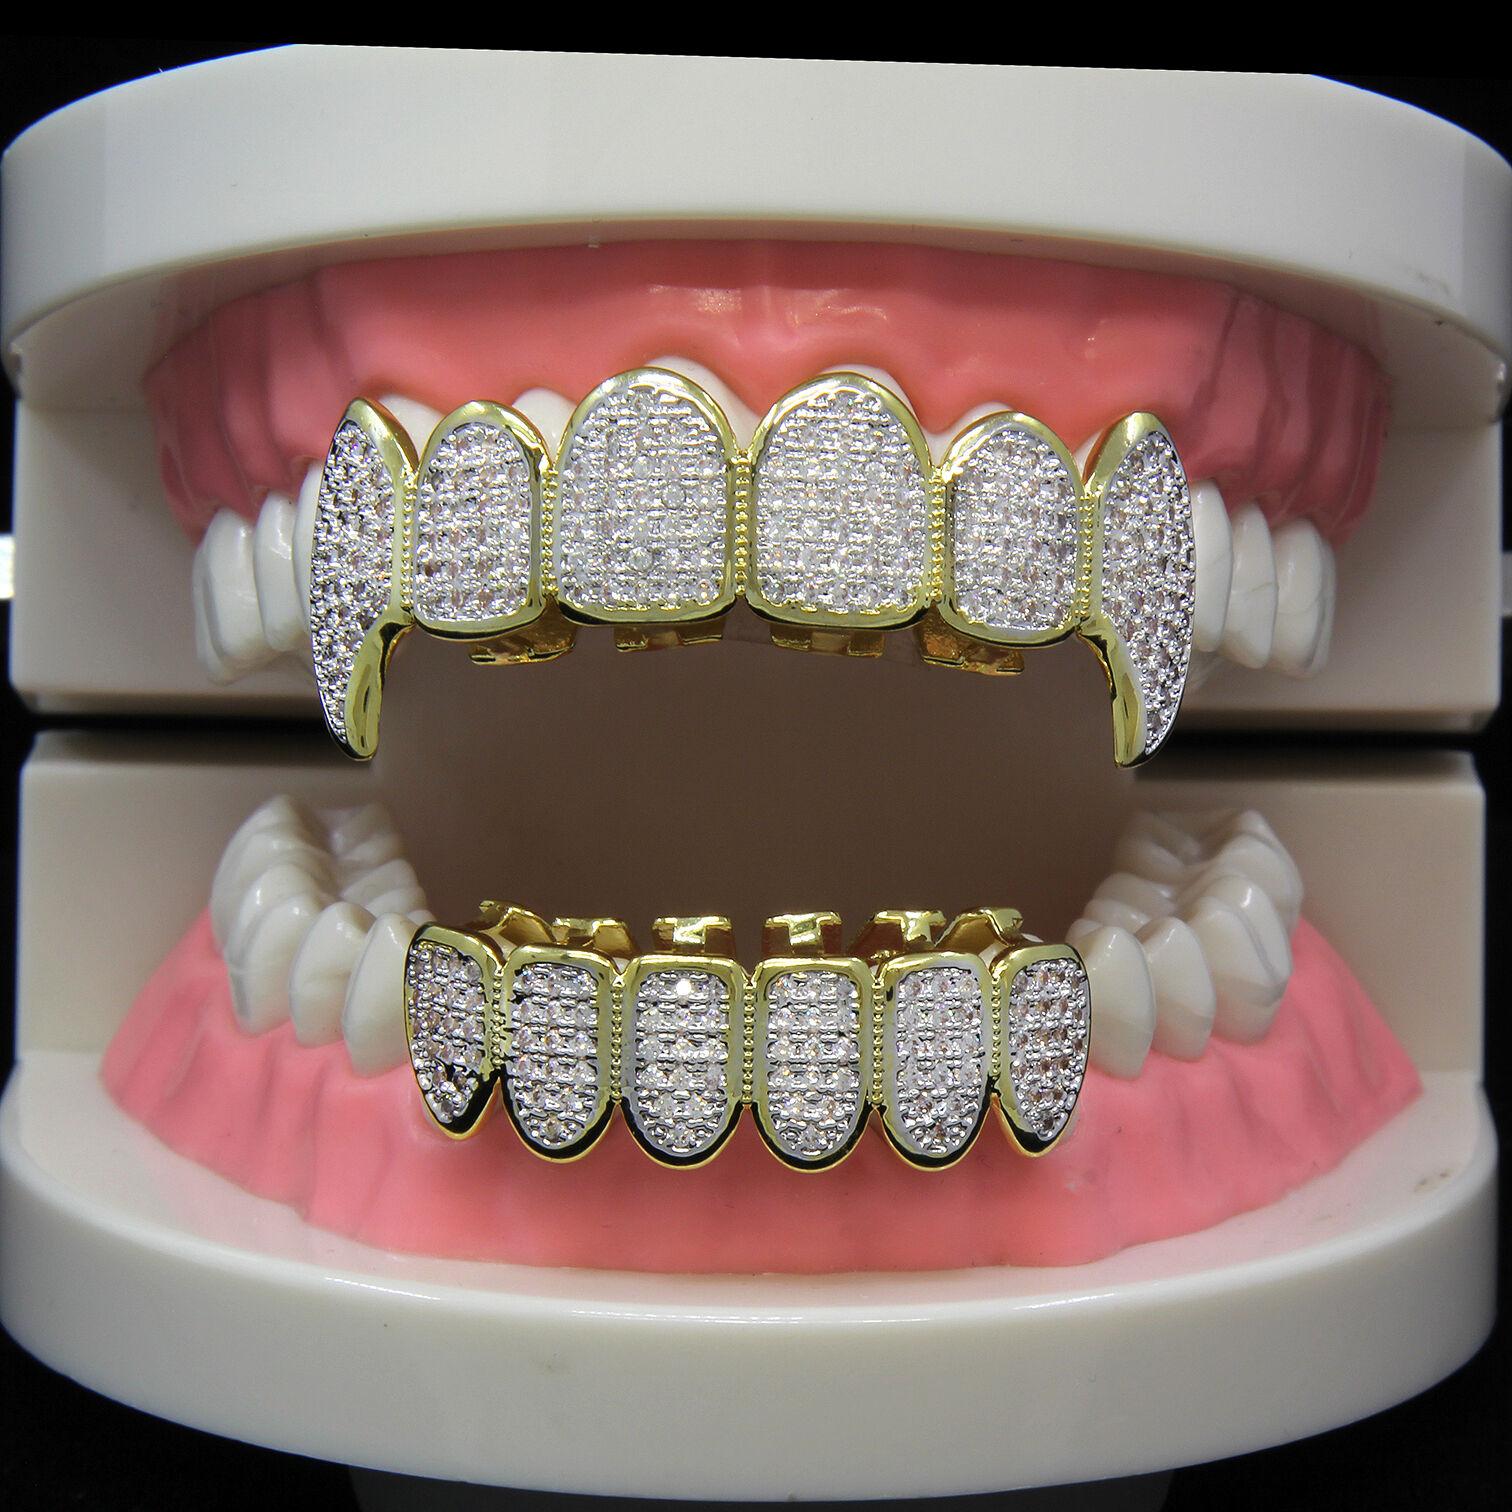 композитные виниры на зубы отзывы